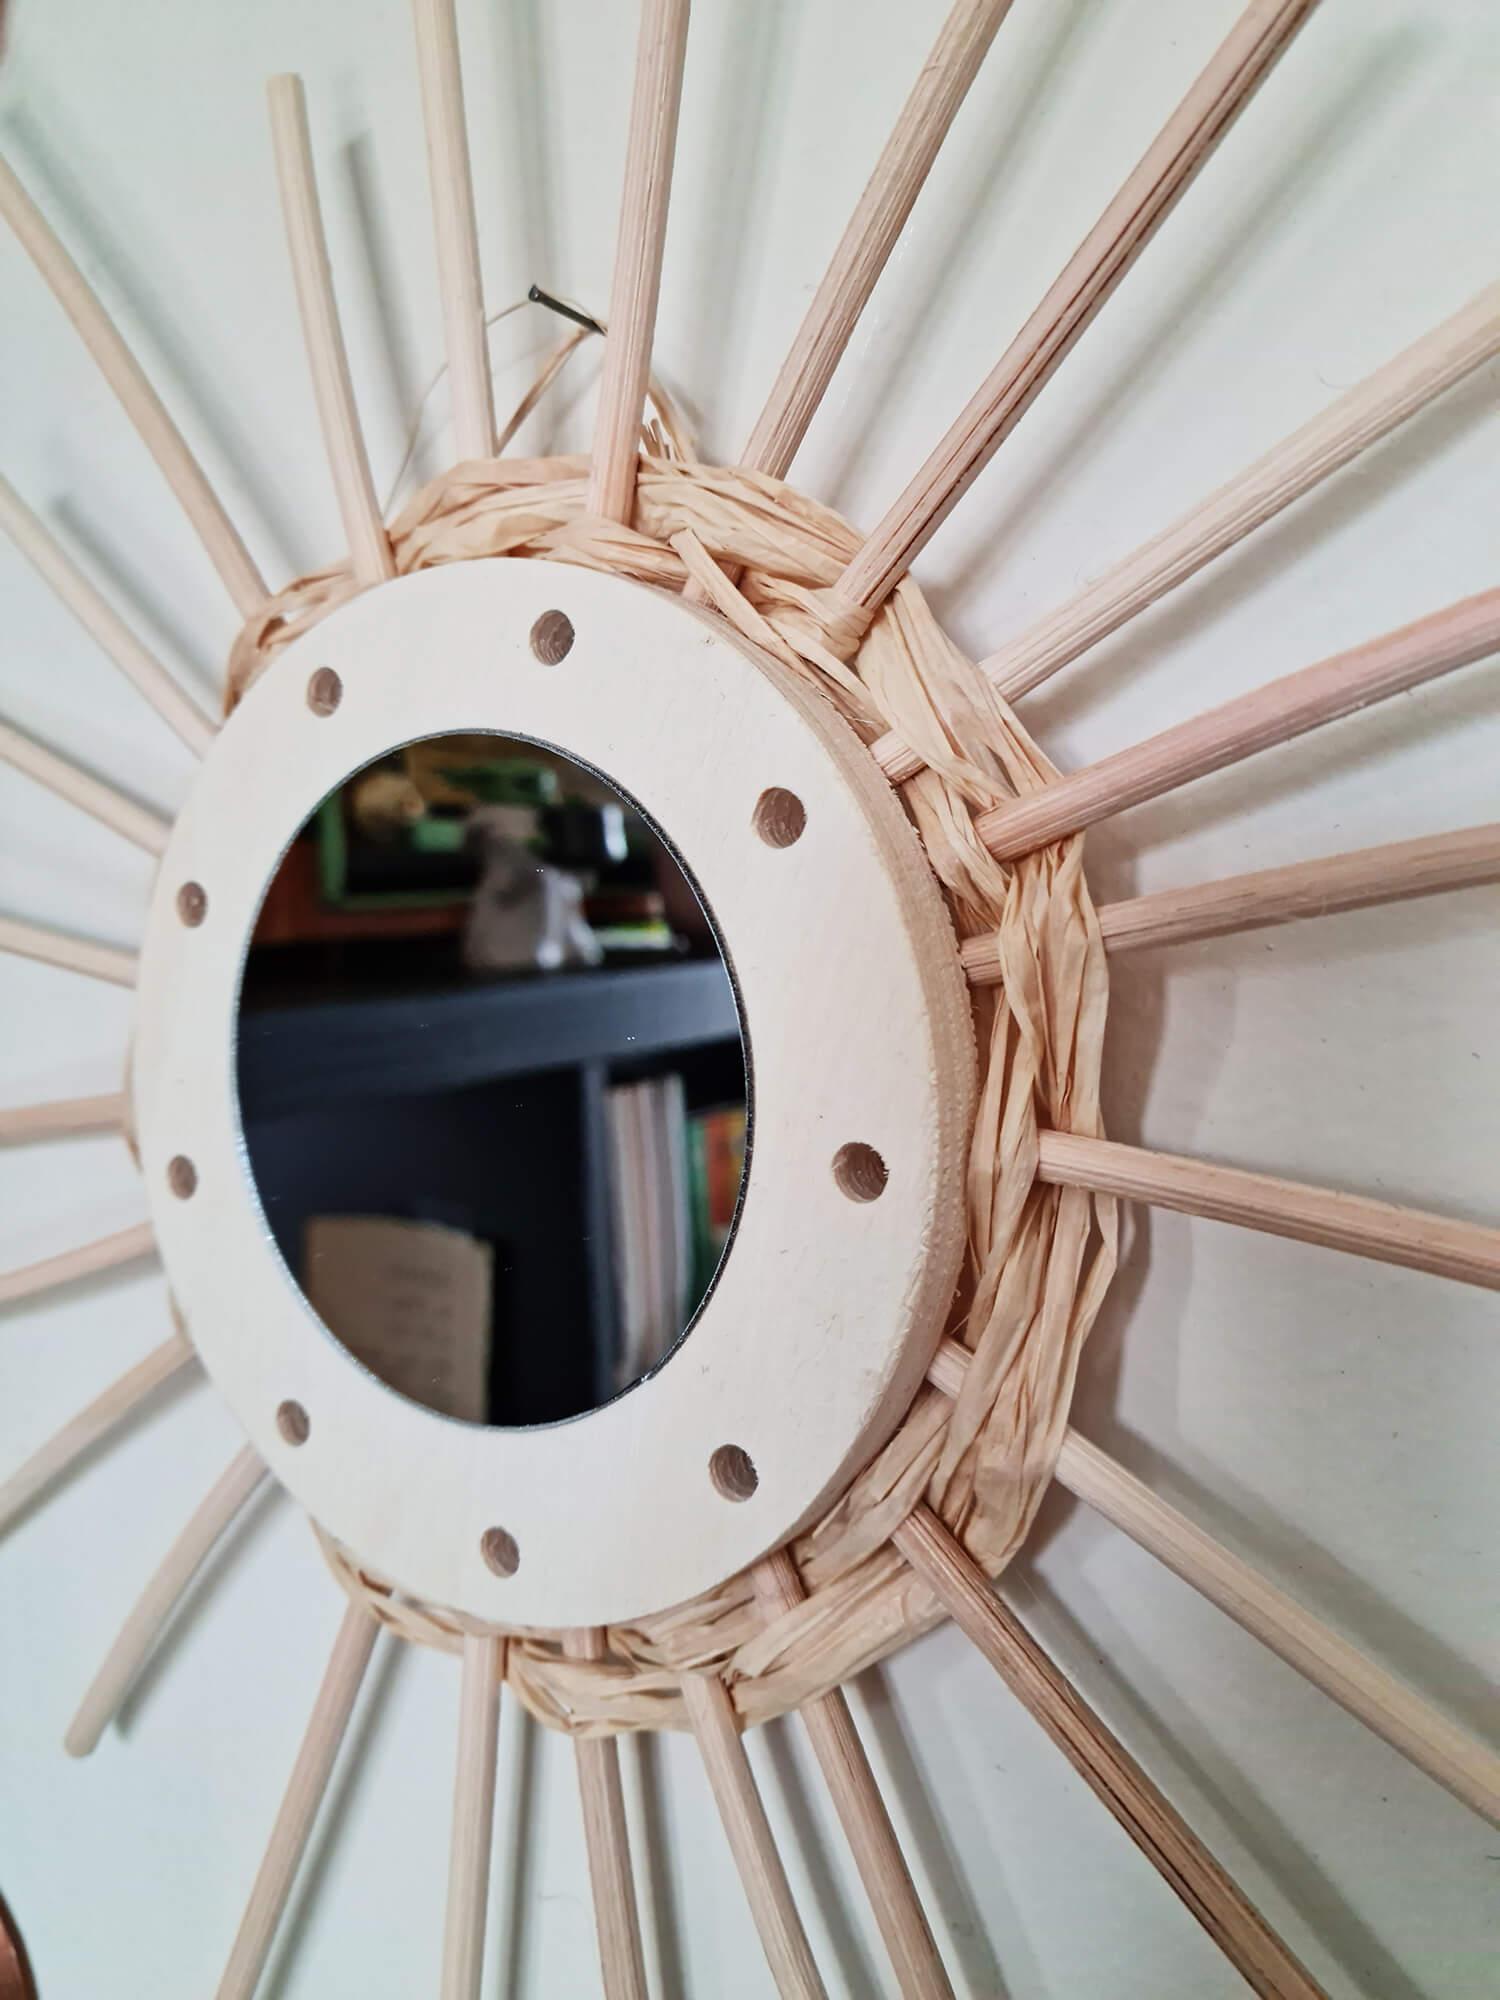 20210319 160746 - DIY déco : donner vie à des miroirs en rotin